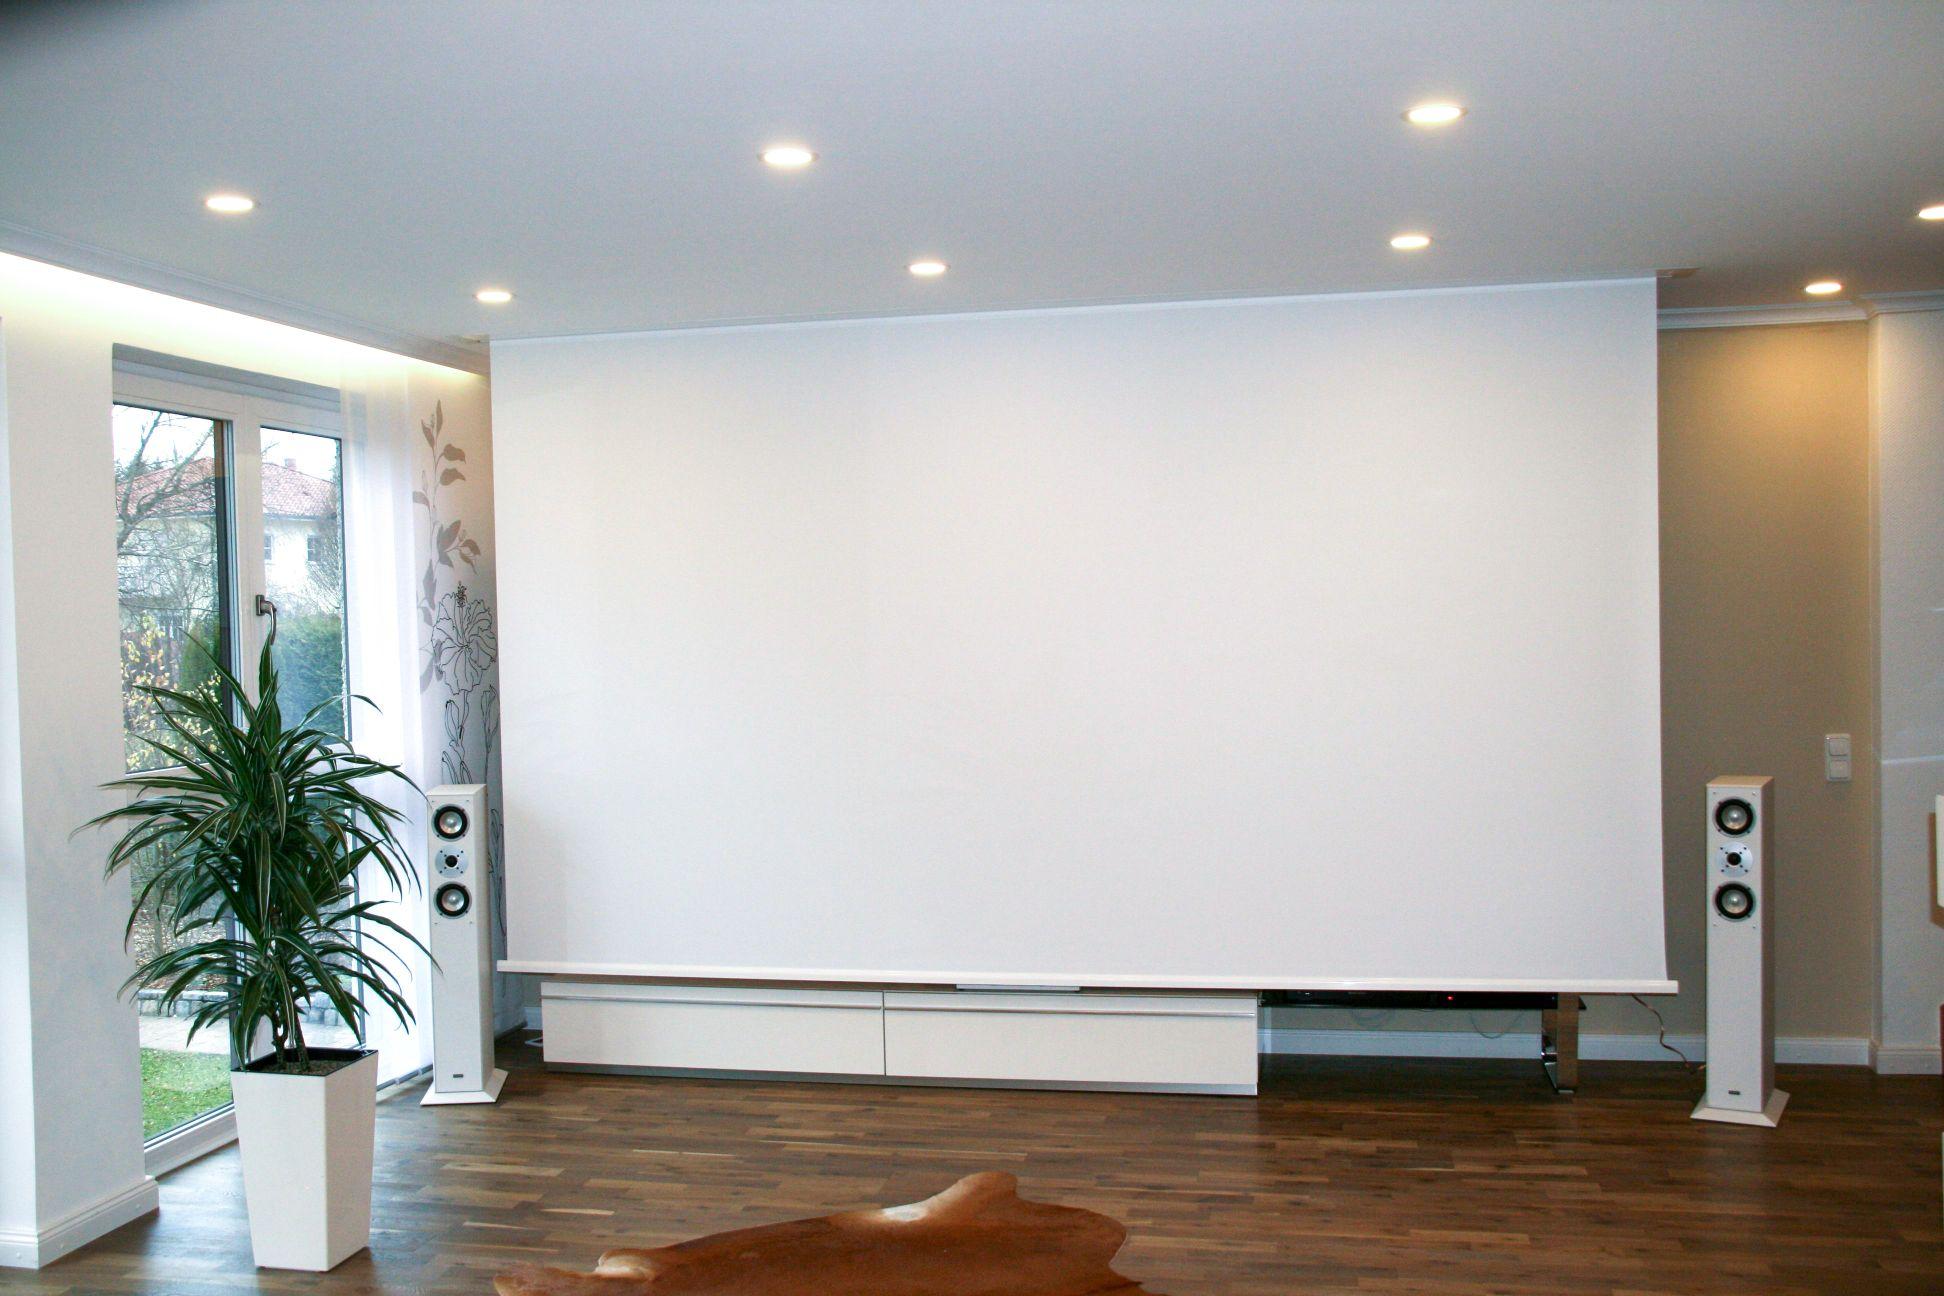 deckeneinbauleinwand motorleinwand g nstig kaufen. Black Bedroom Furniture Sets. Home Design Ideas